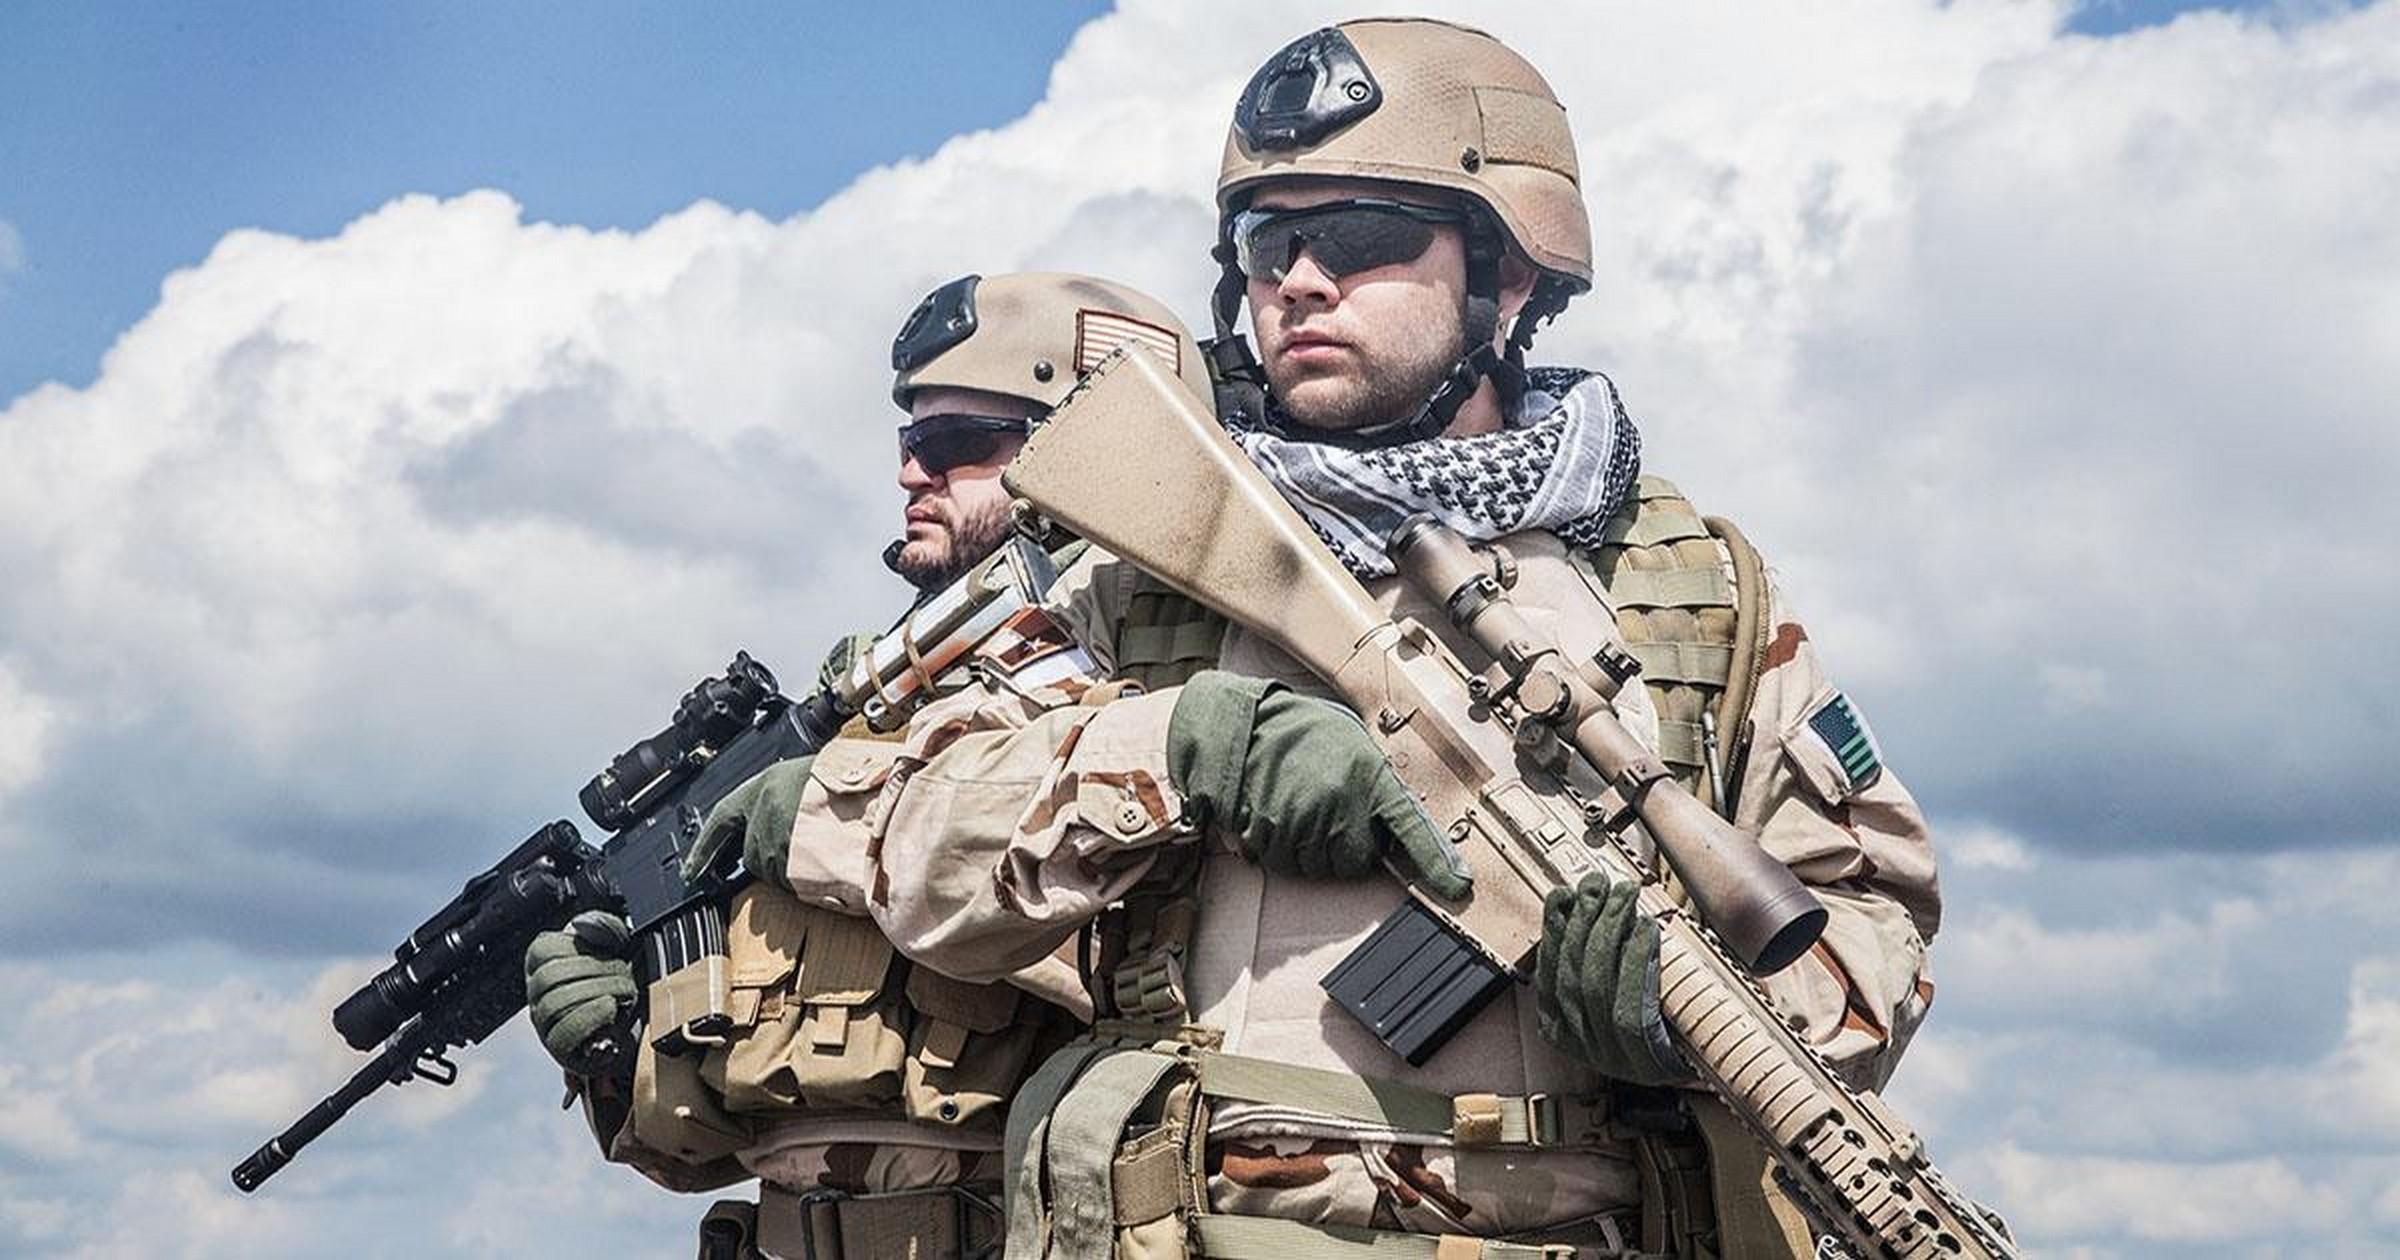 Fuerzas Especiales Más Letales Del Mundo. Navy Seals